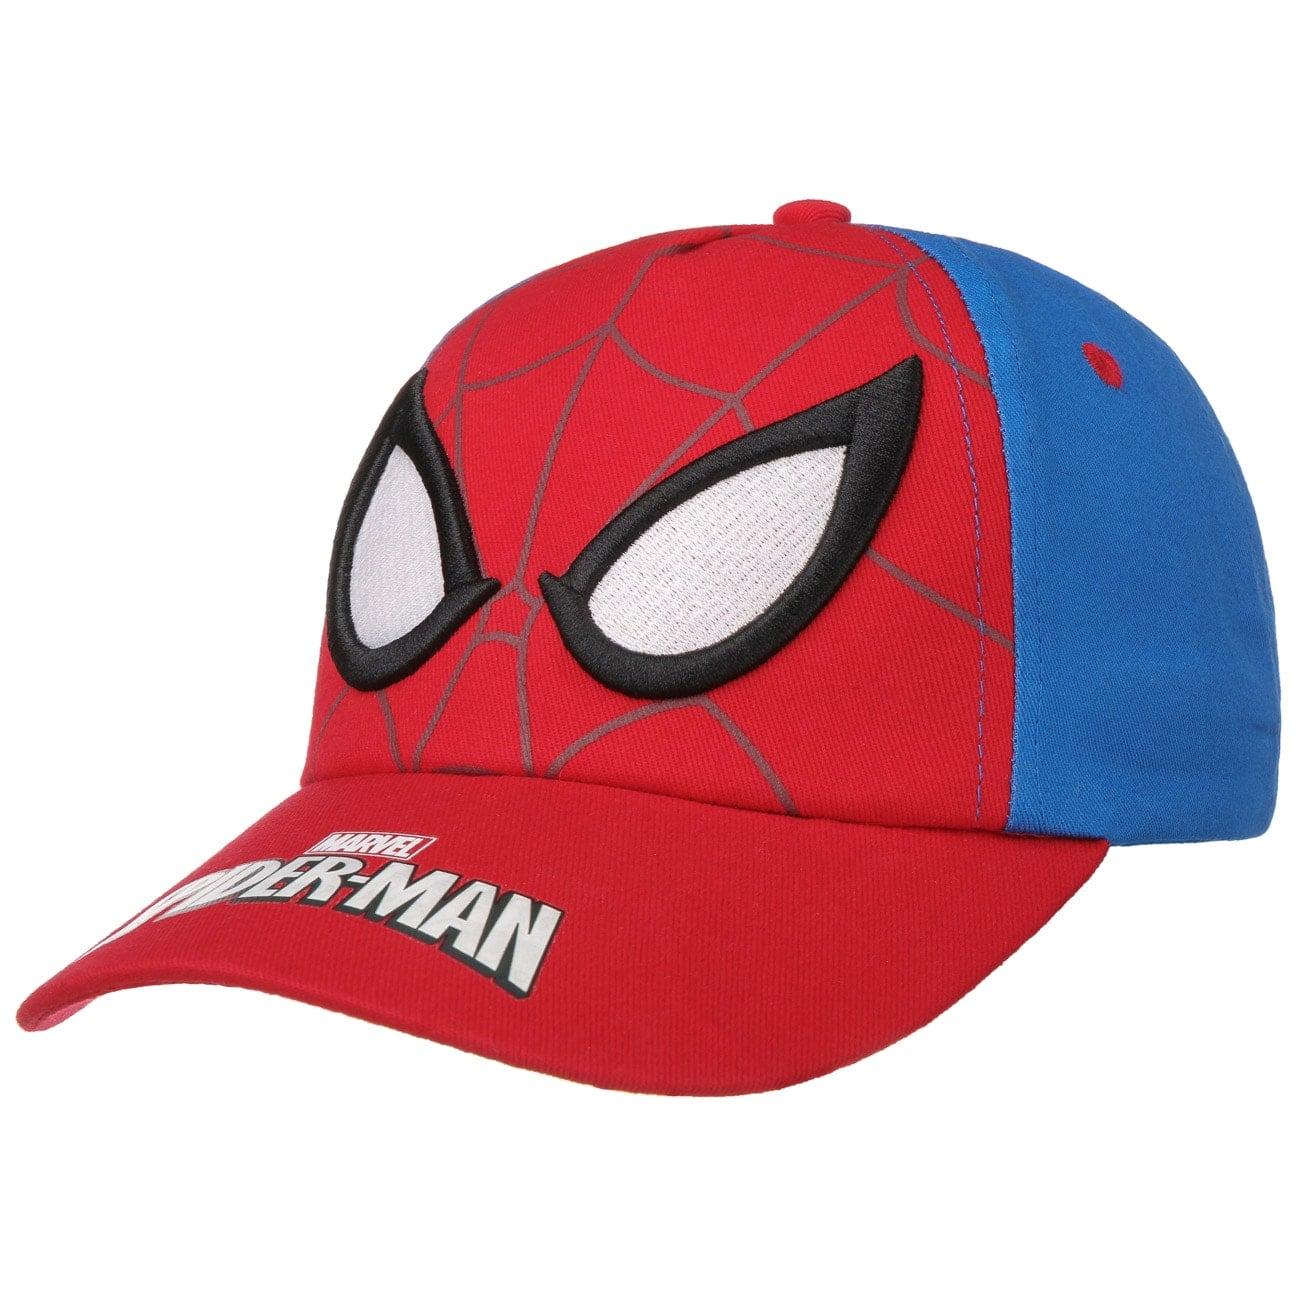 Casquette pour Enfant Spiderman  casquette de baseball